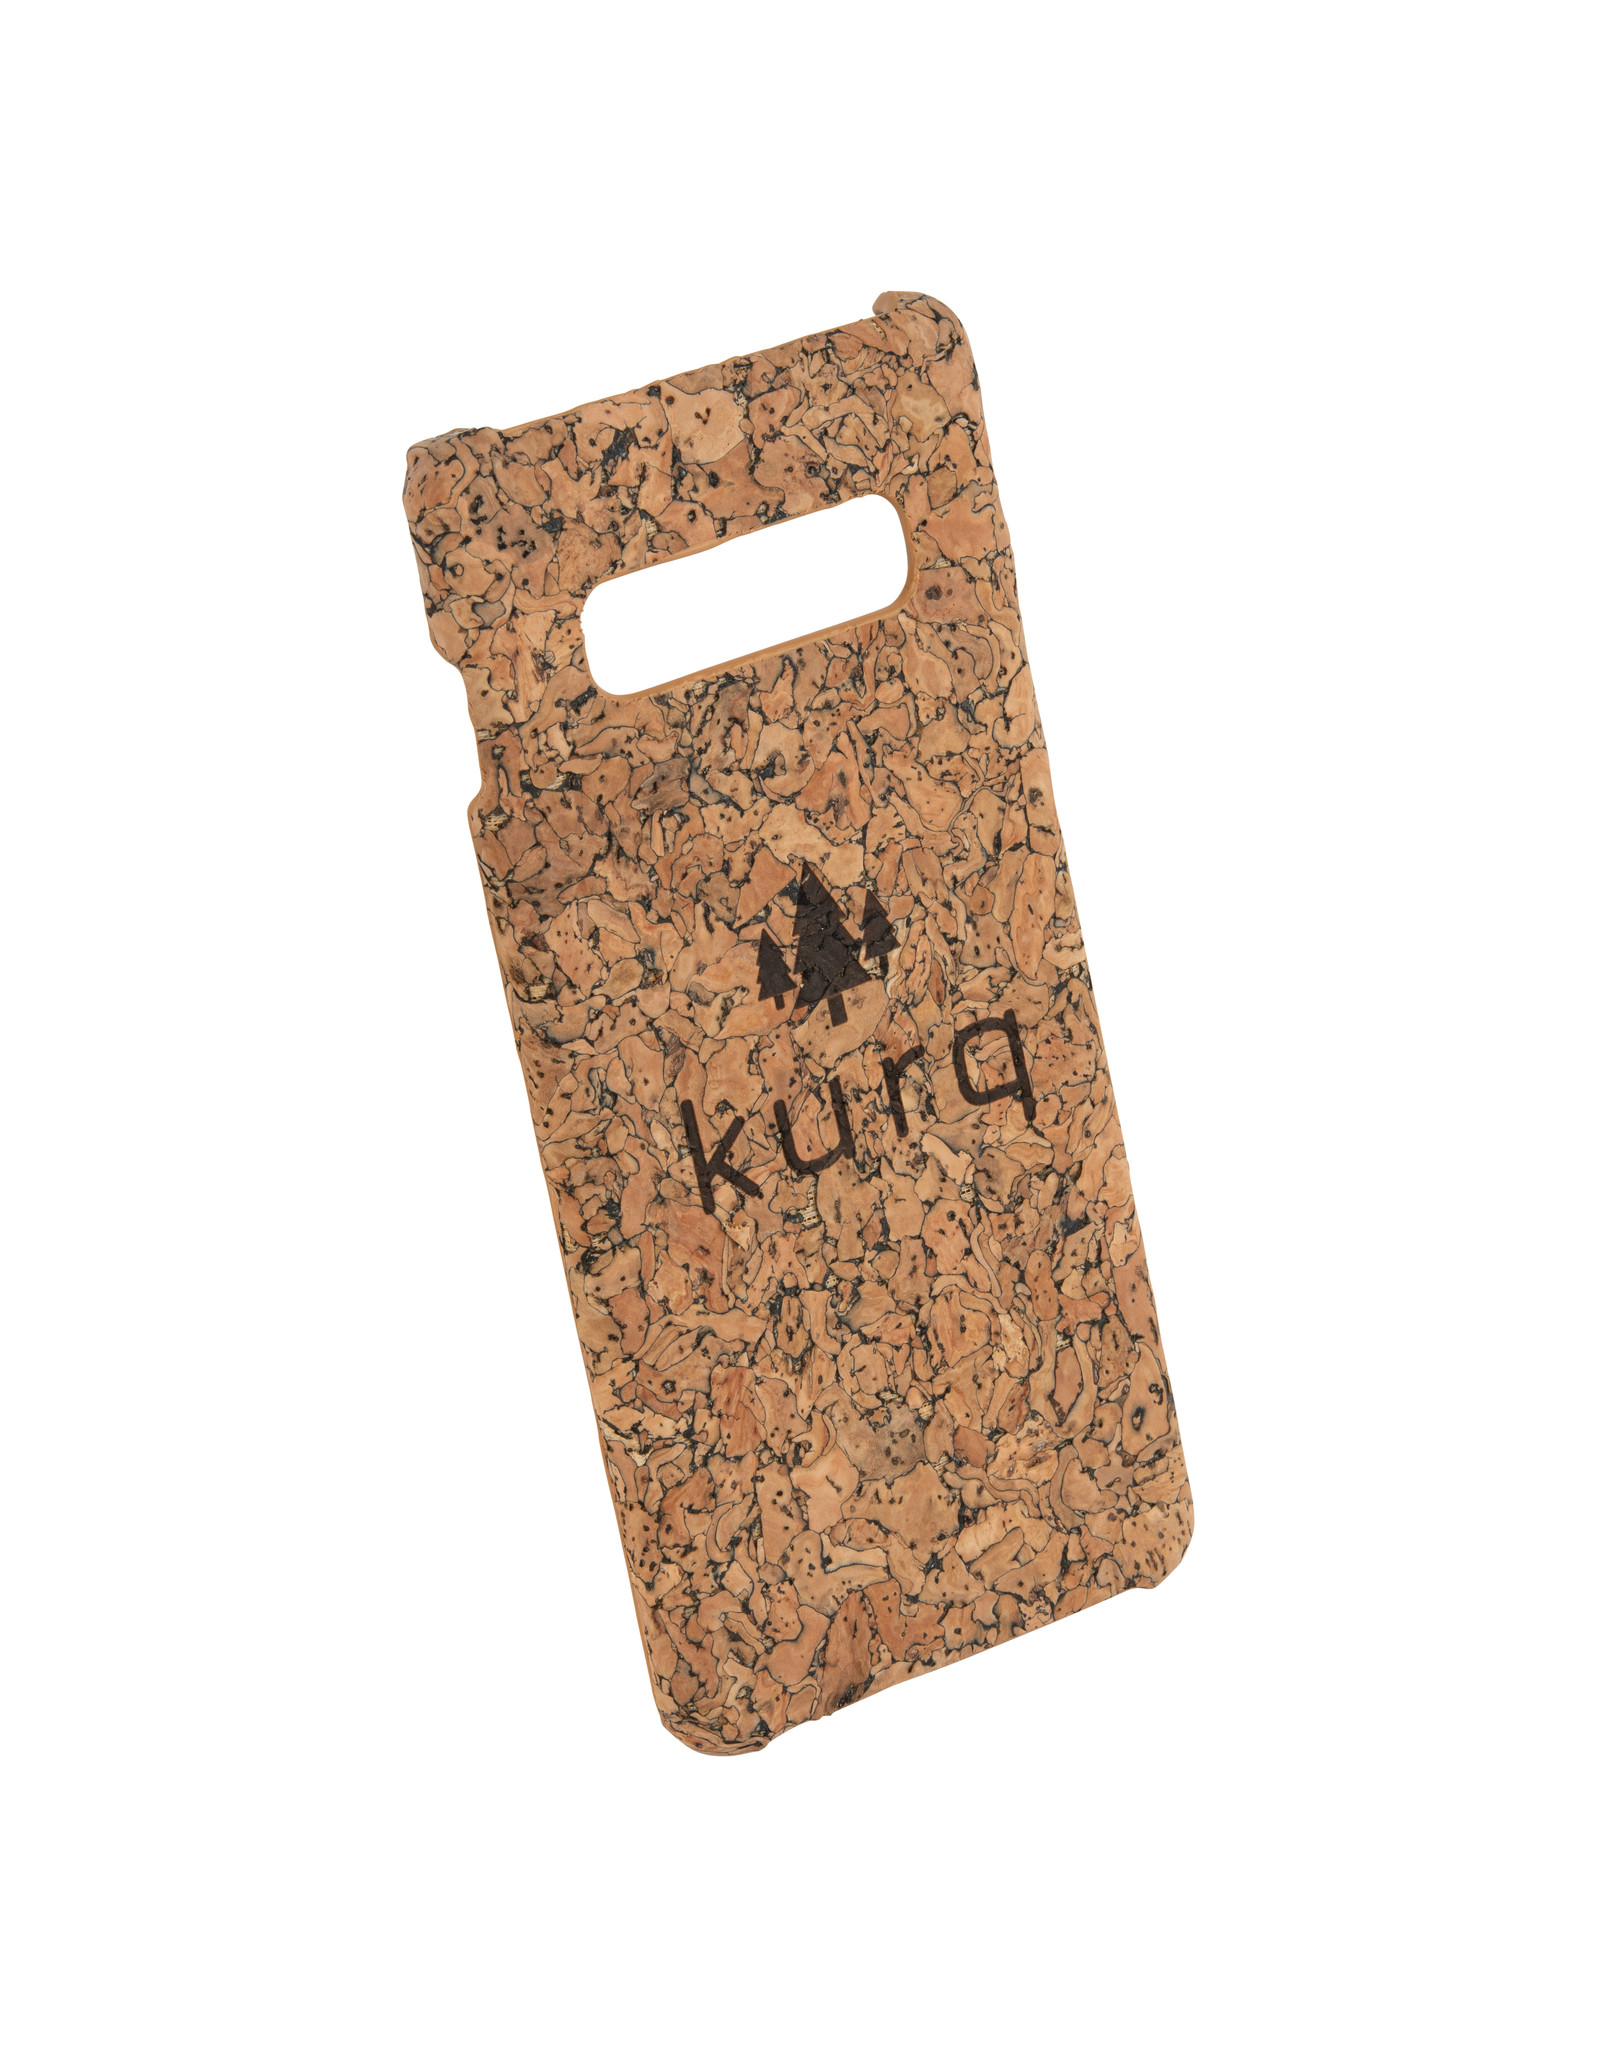 KURQ - Kurk telefoonhoesje voor Samsung S10 Plus